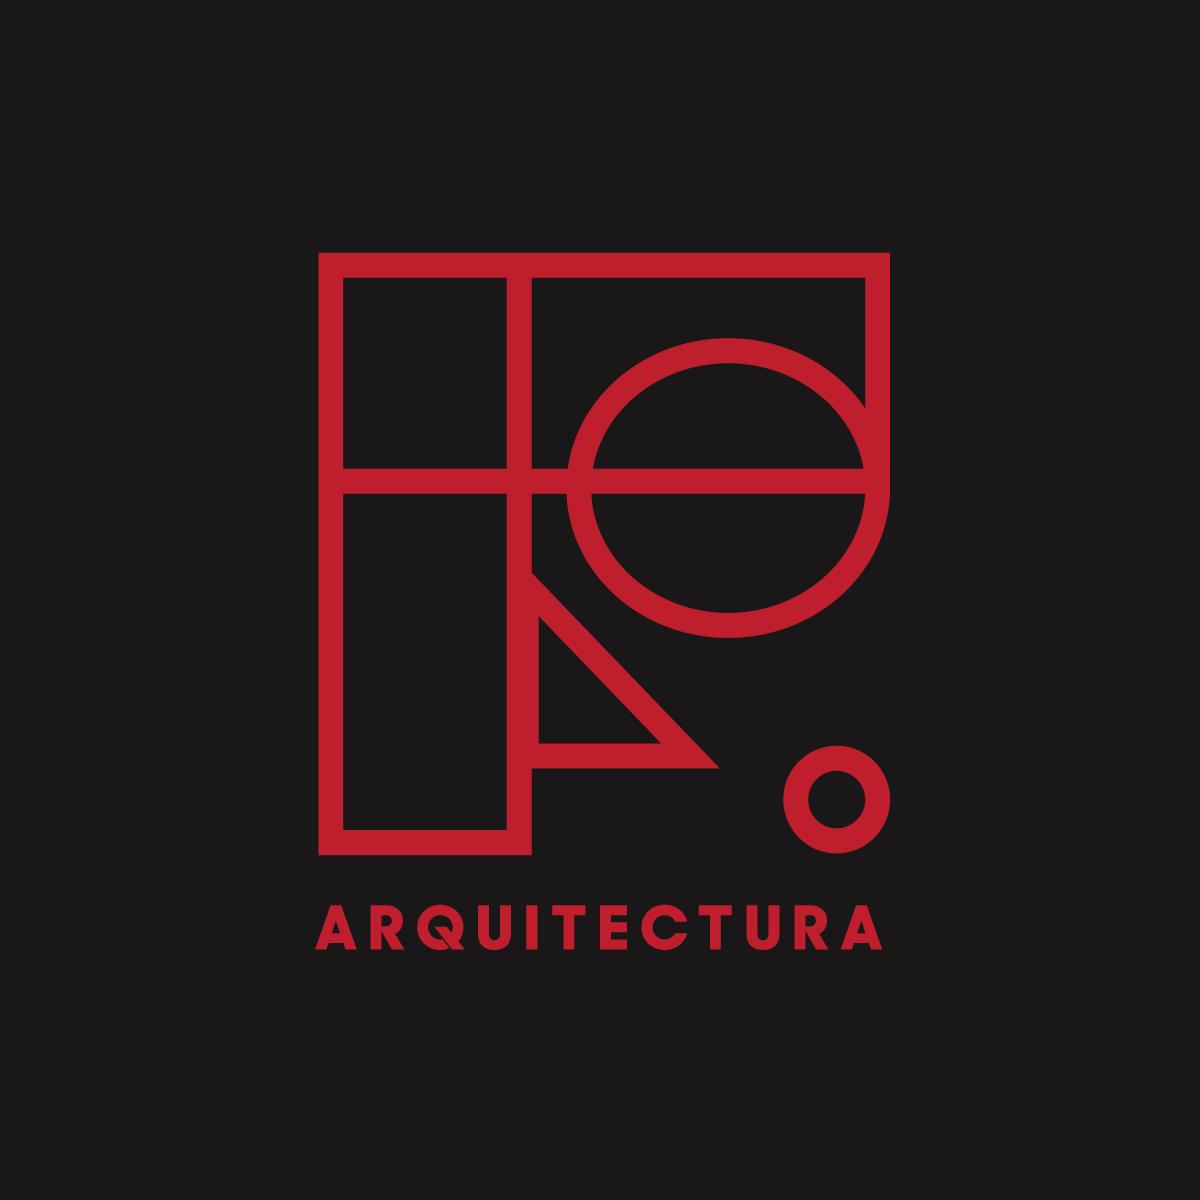 Fared Arquitectura